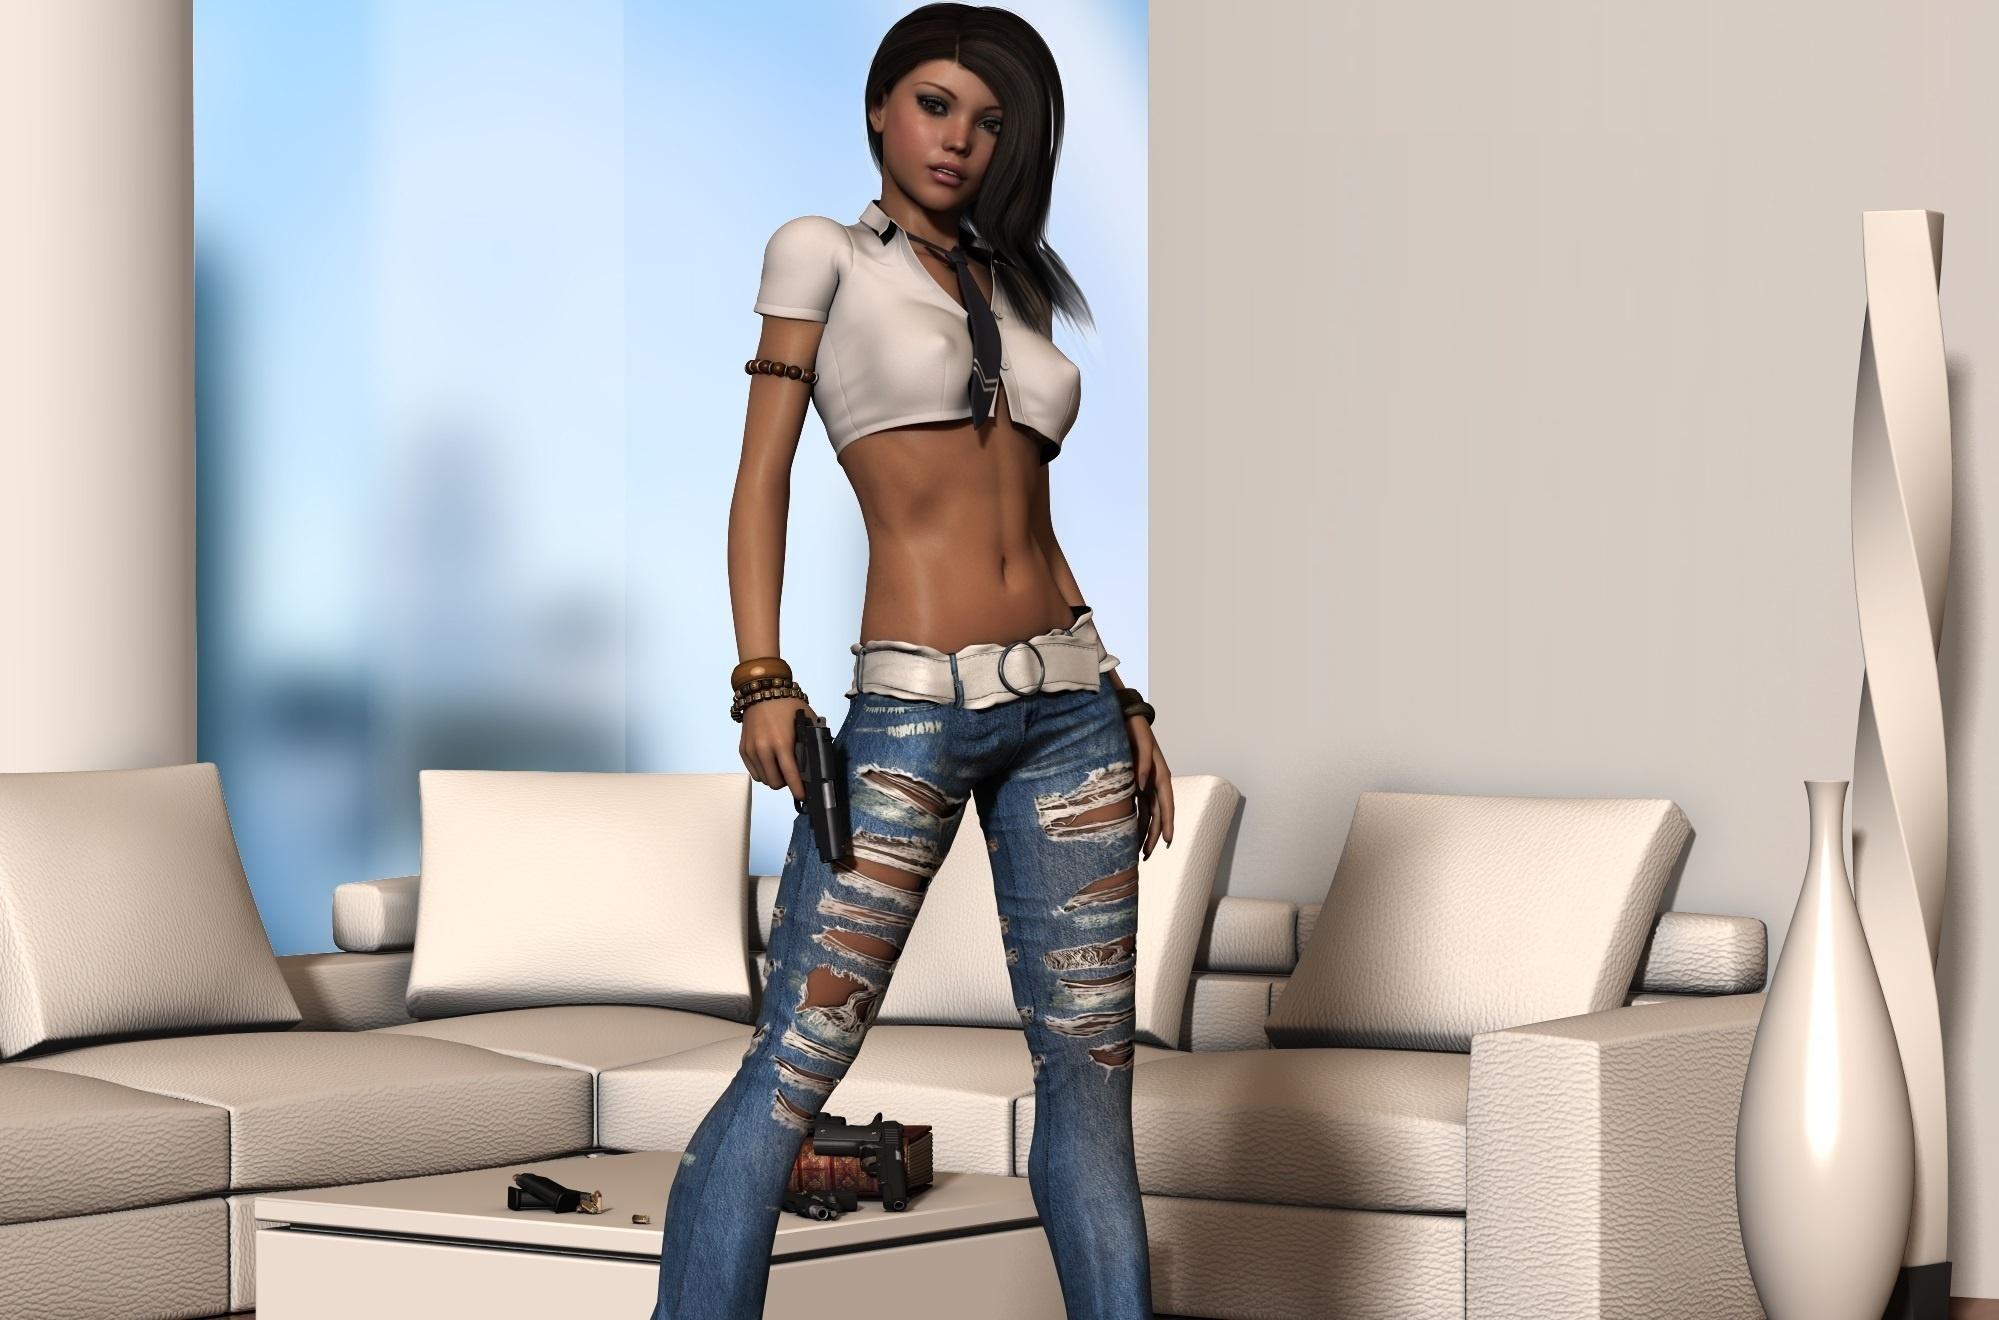 Рендеринг, девушка, джинсы, поза обои скачать